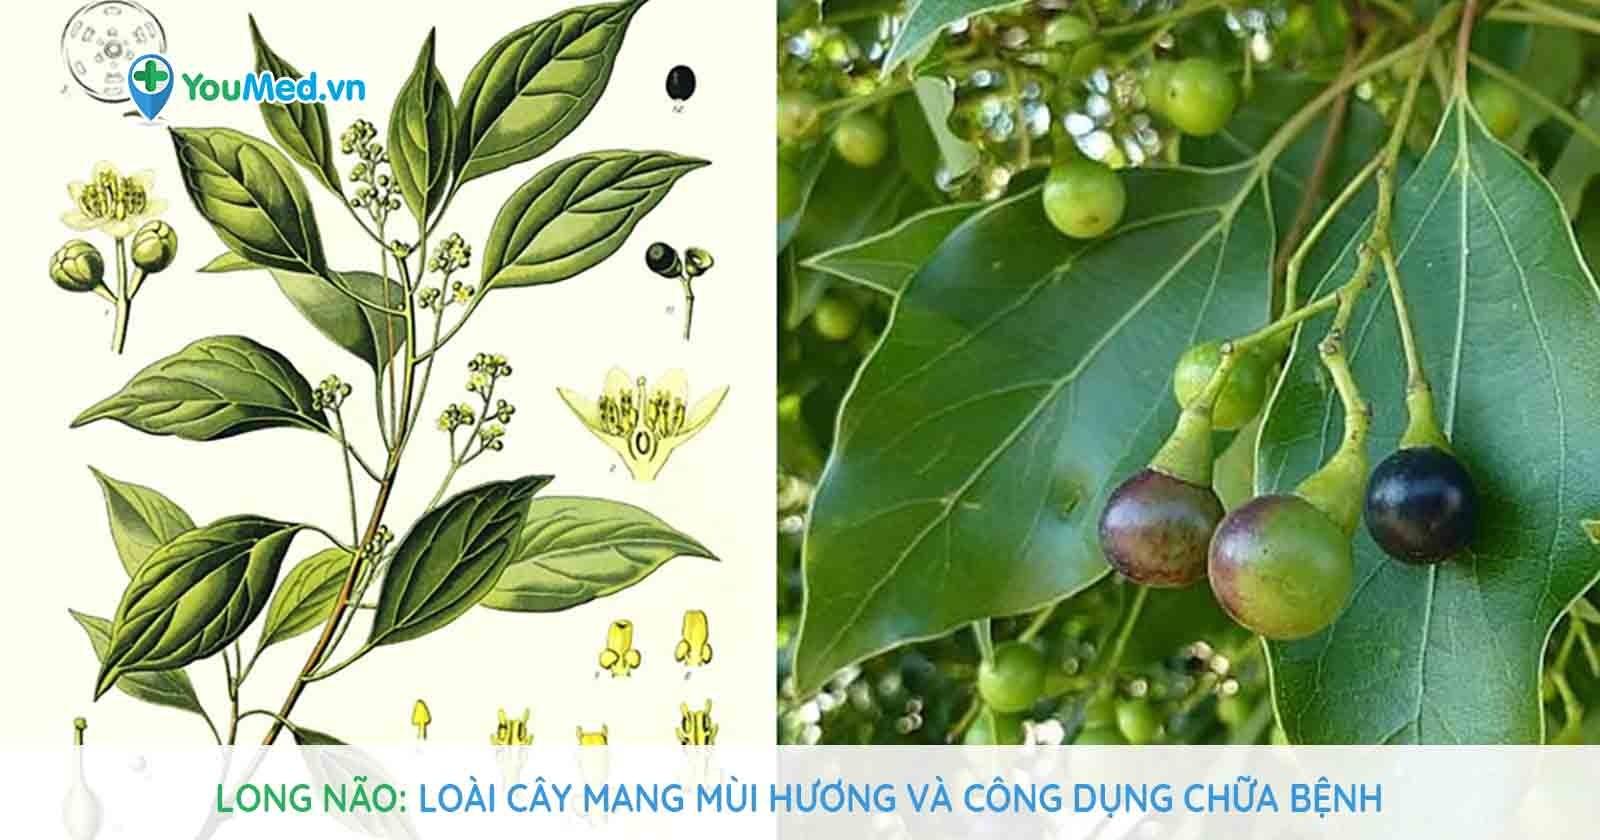 Long não - Loài cây mang mùi hương và công dụng chữa bệnh